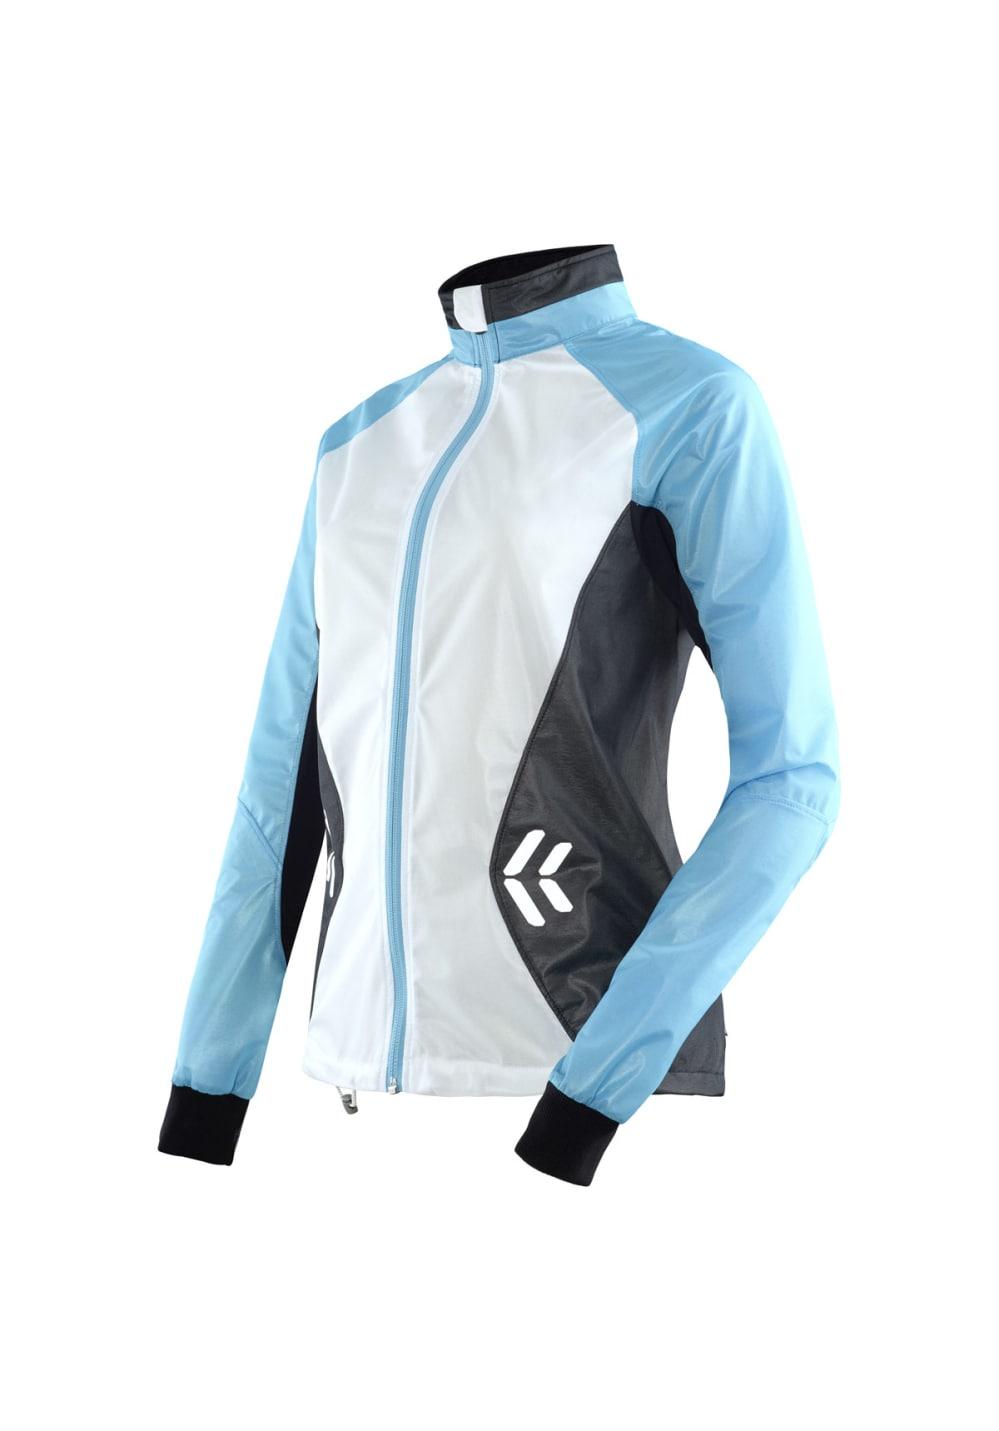 X-Bionic Running AE Spherewind Jacket - Laufjacken für Damen - Blau, Gr. XS